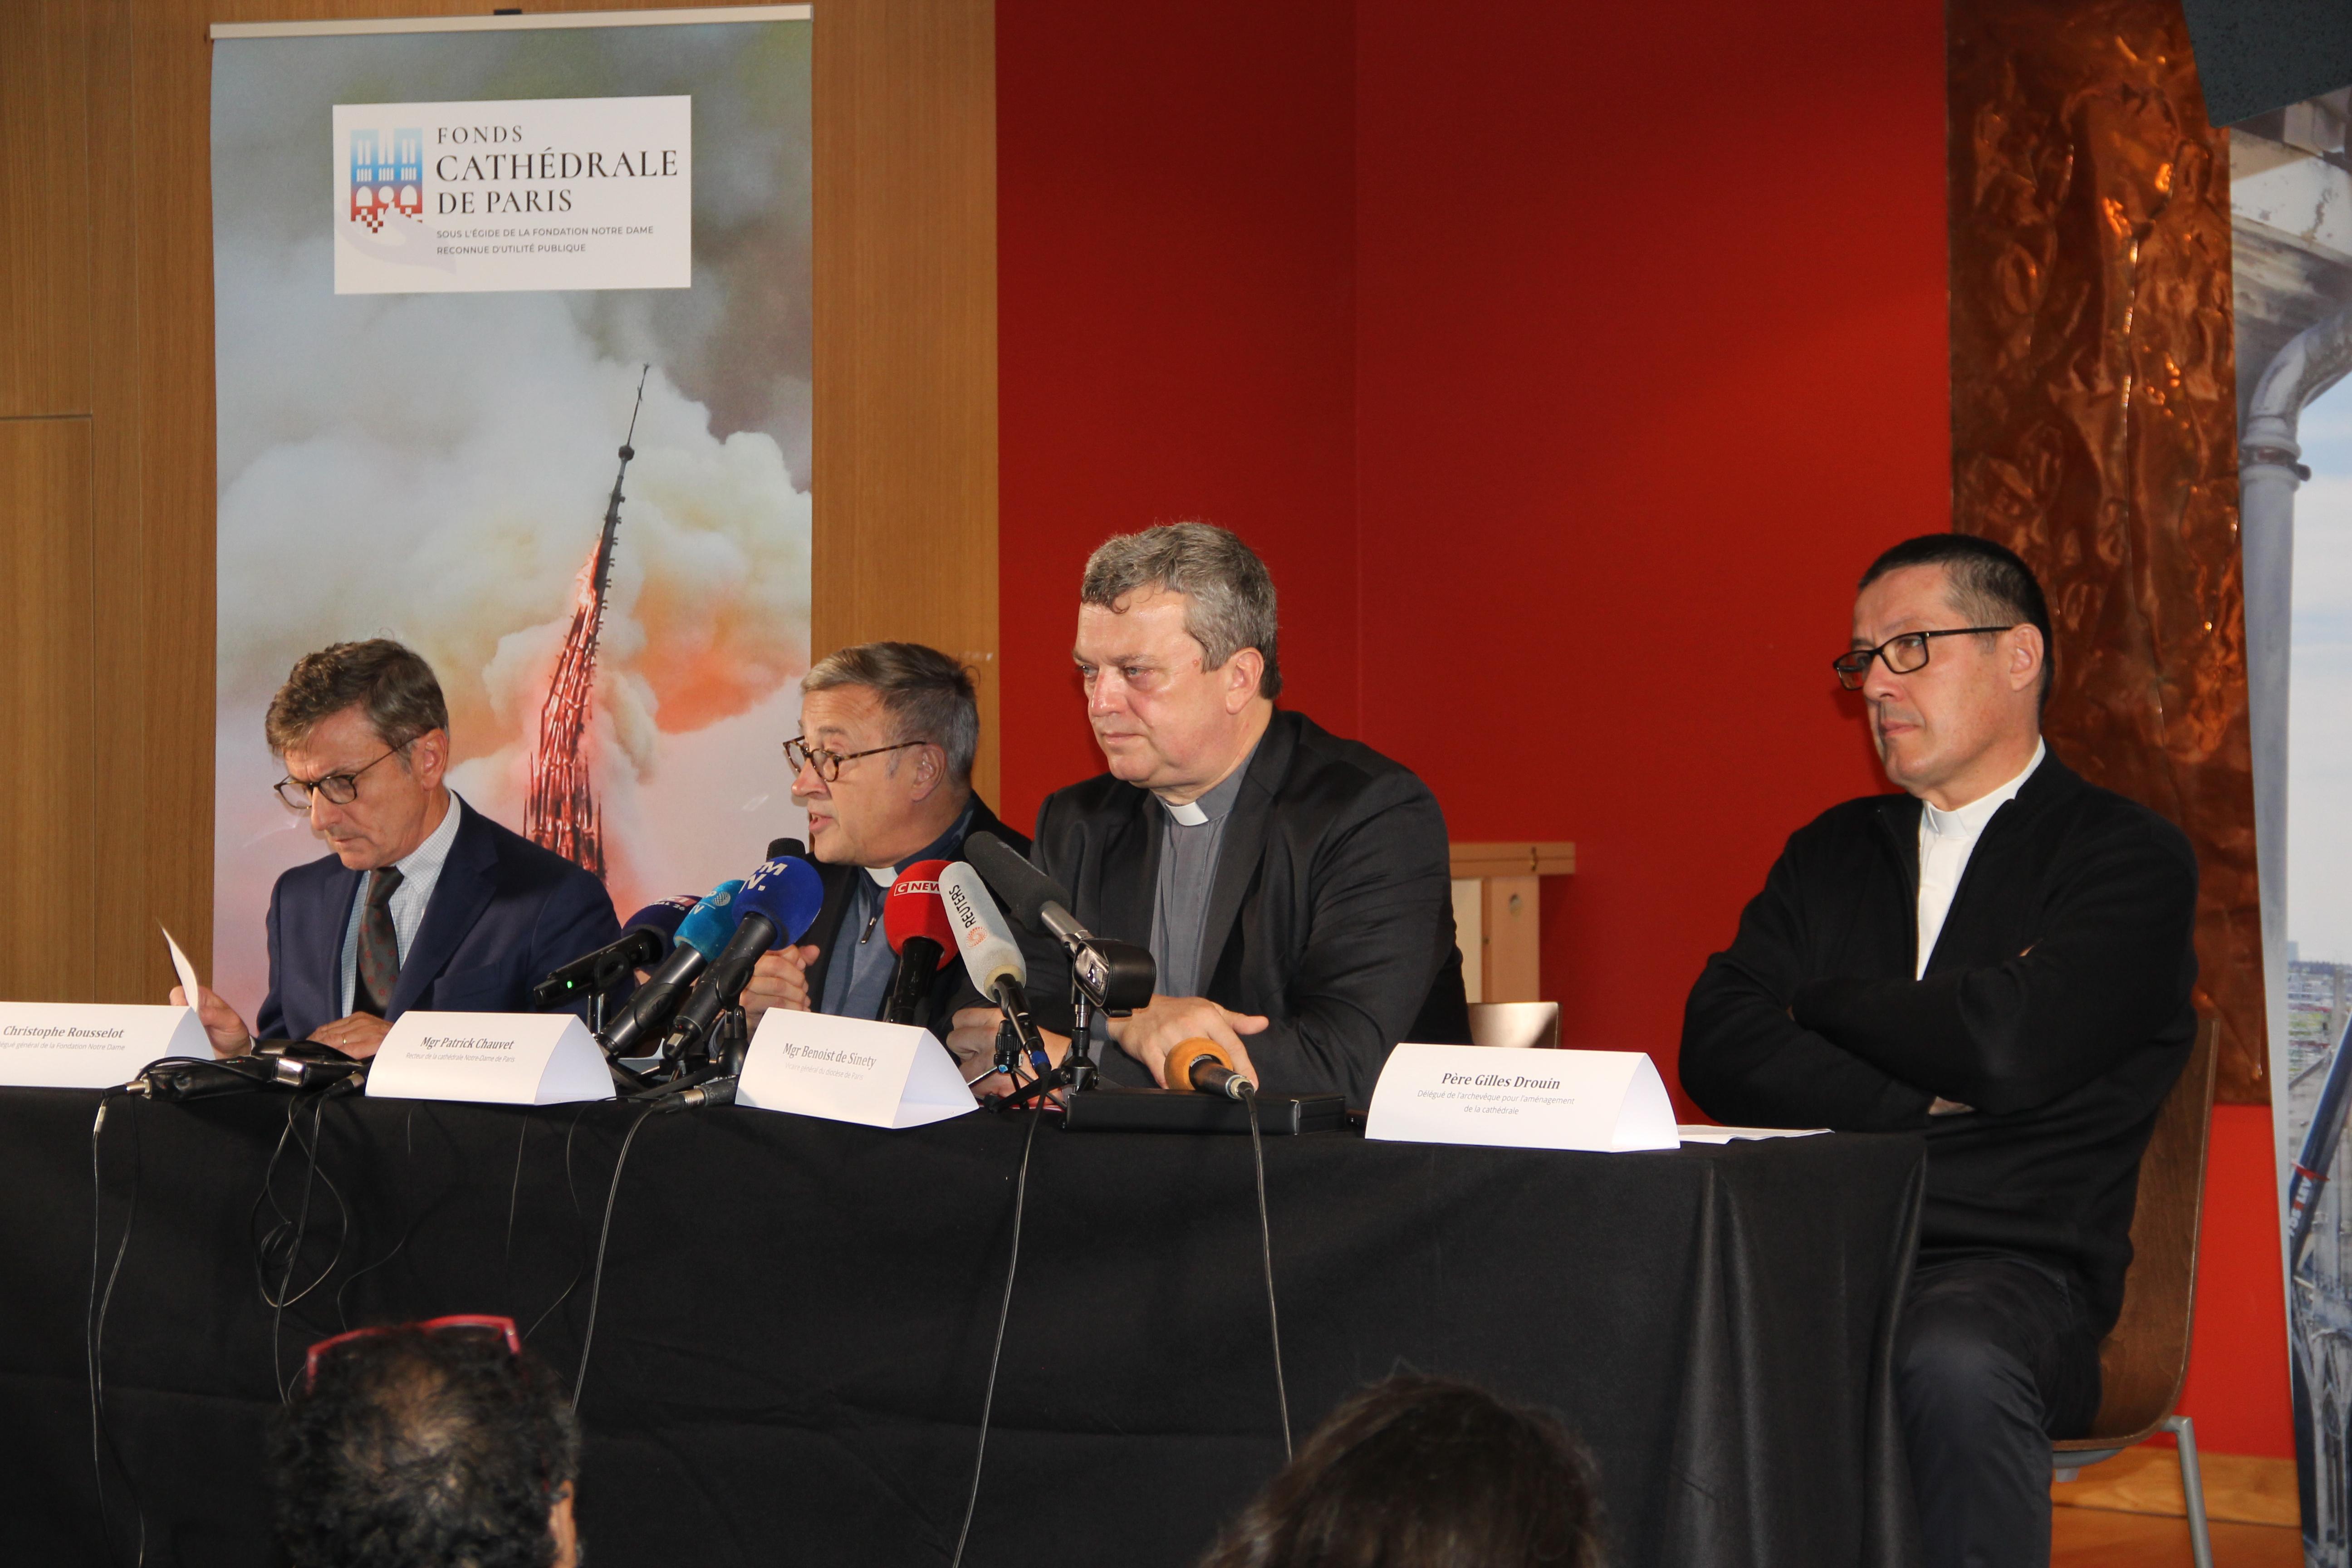 Conférence de presse Notre-Dame